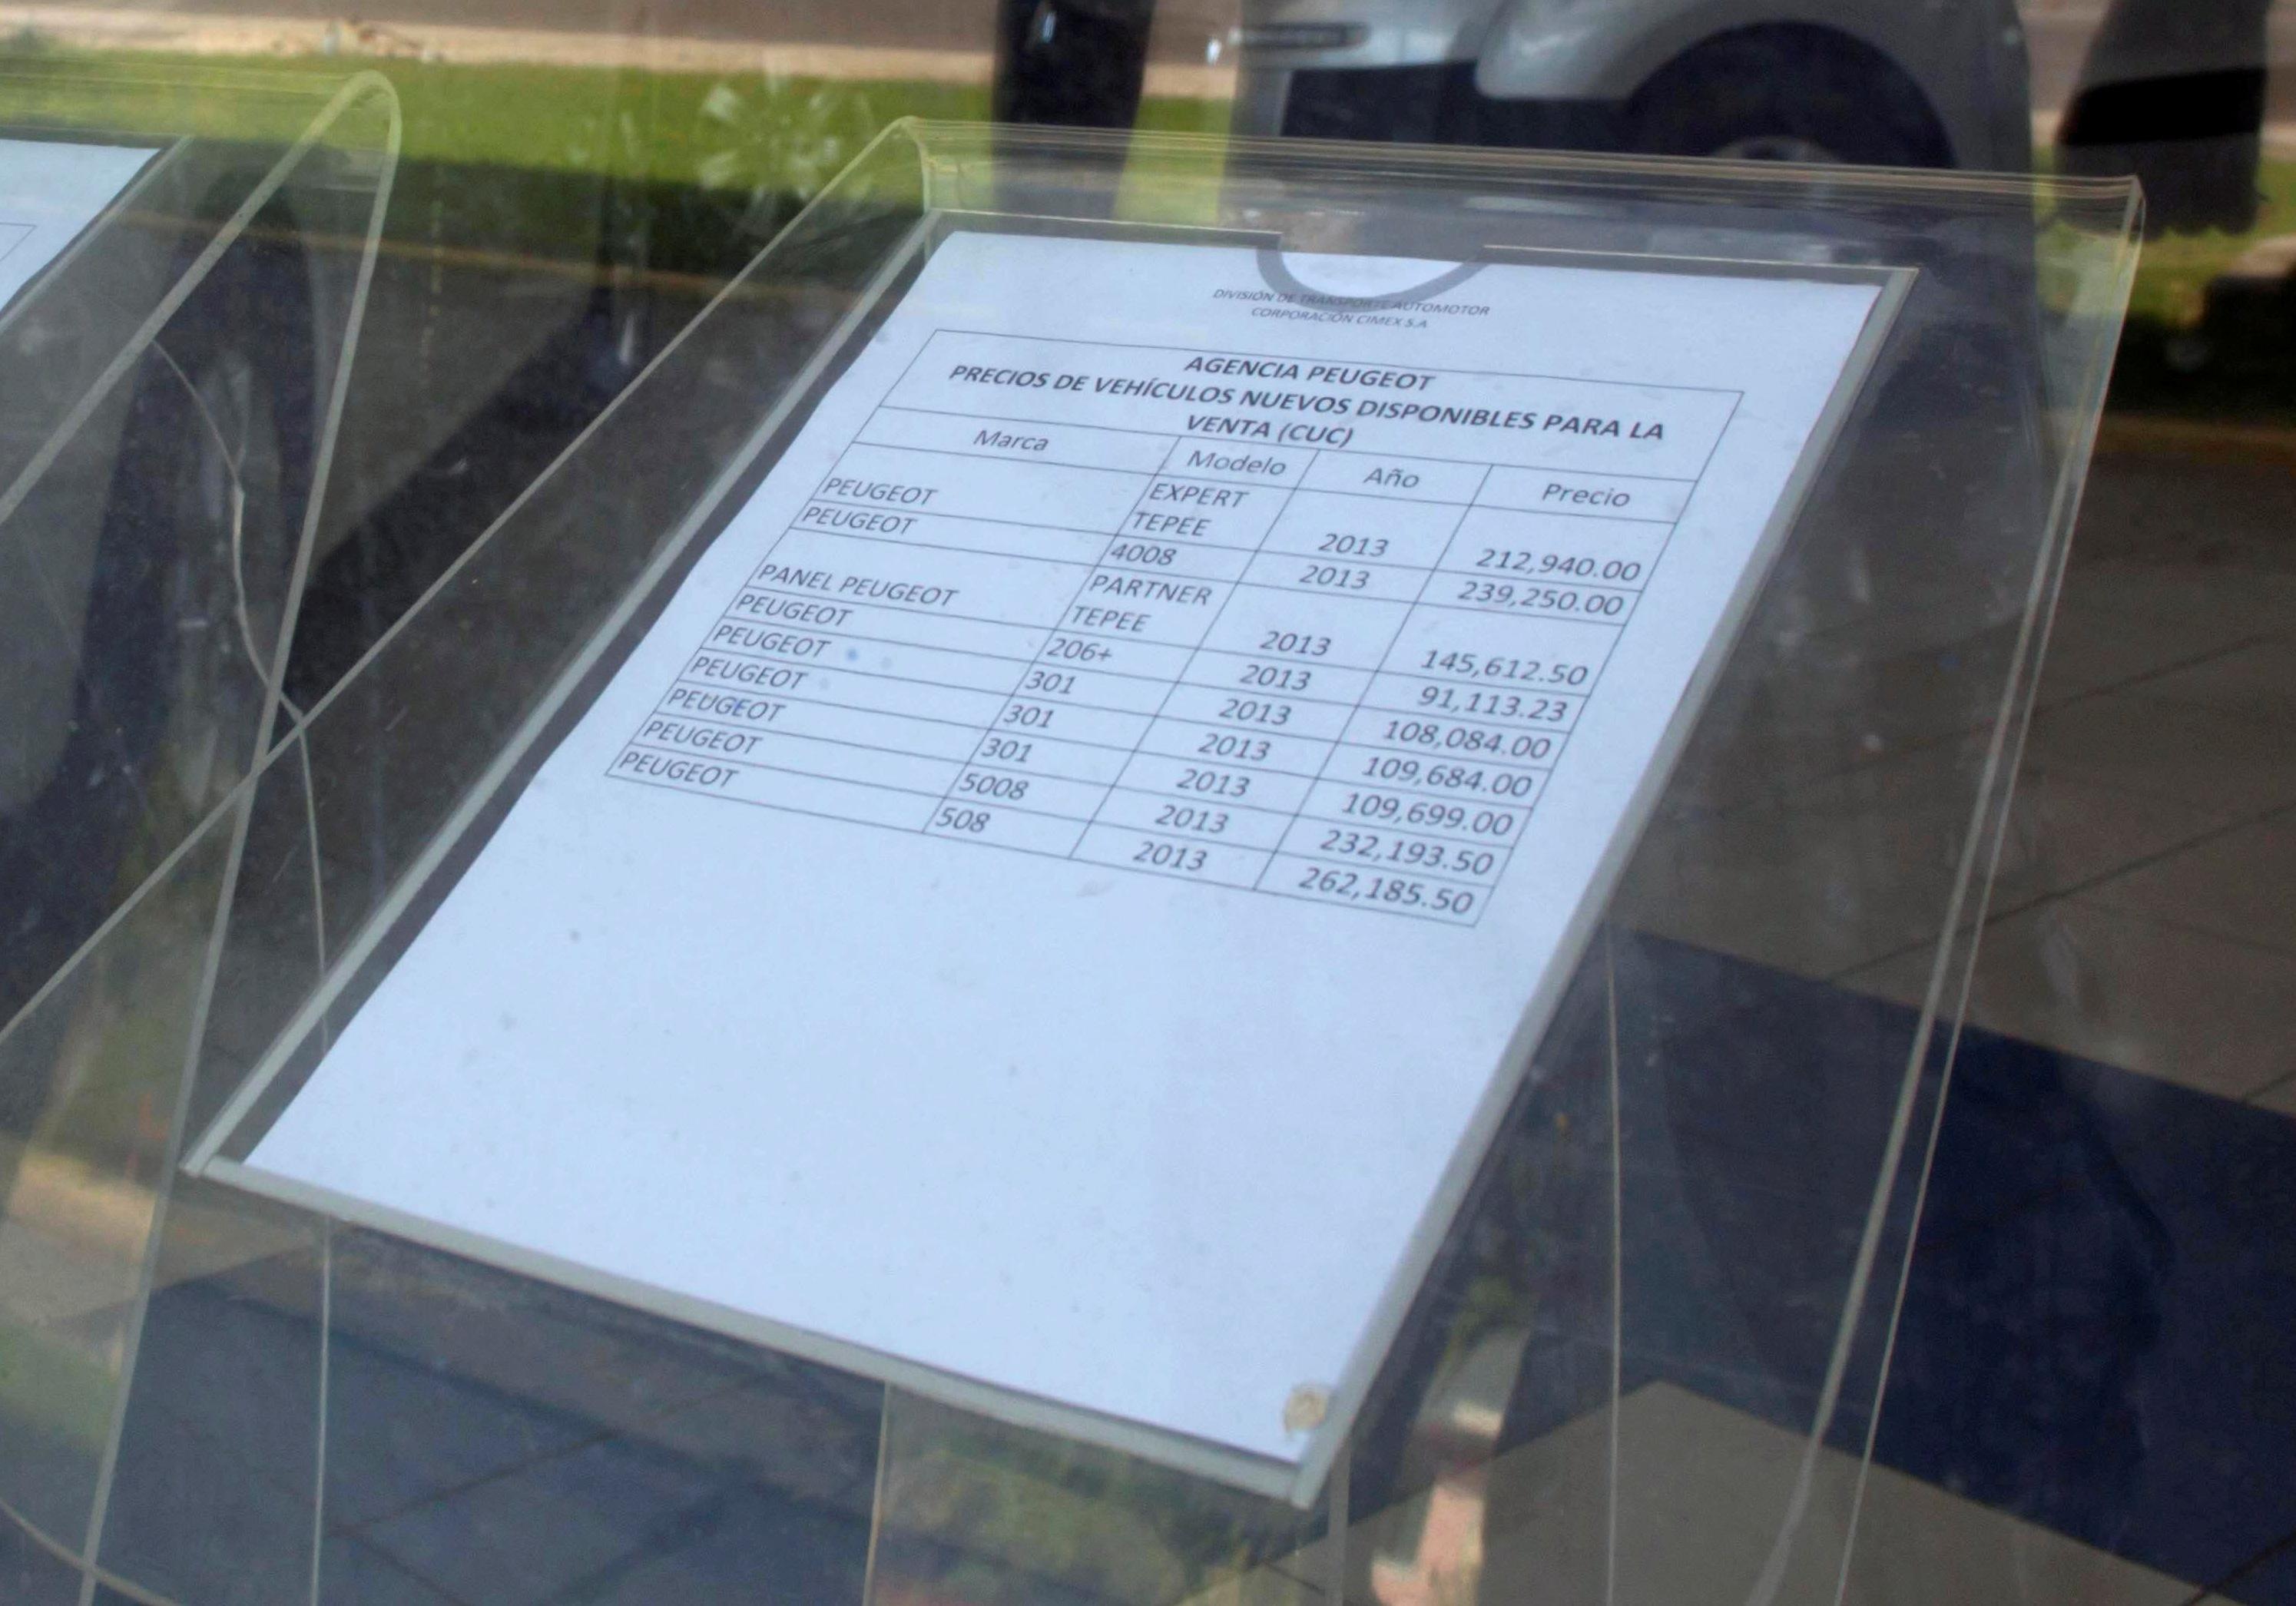 Цены на Пежо в столице Кубы доходят до 262 тысячи долларов